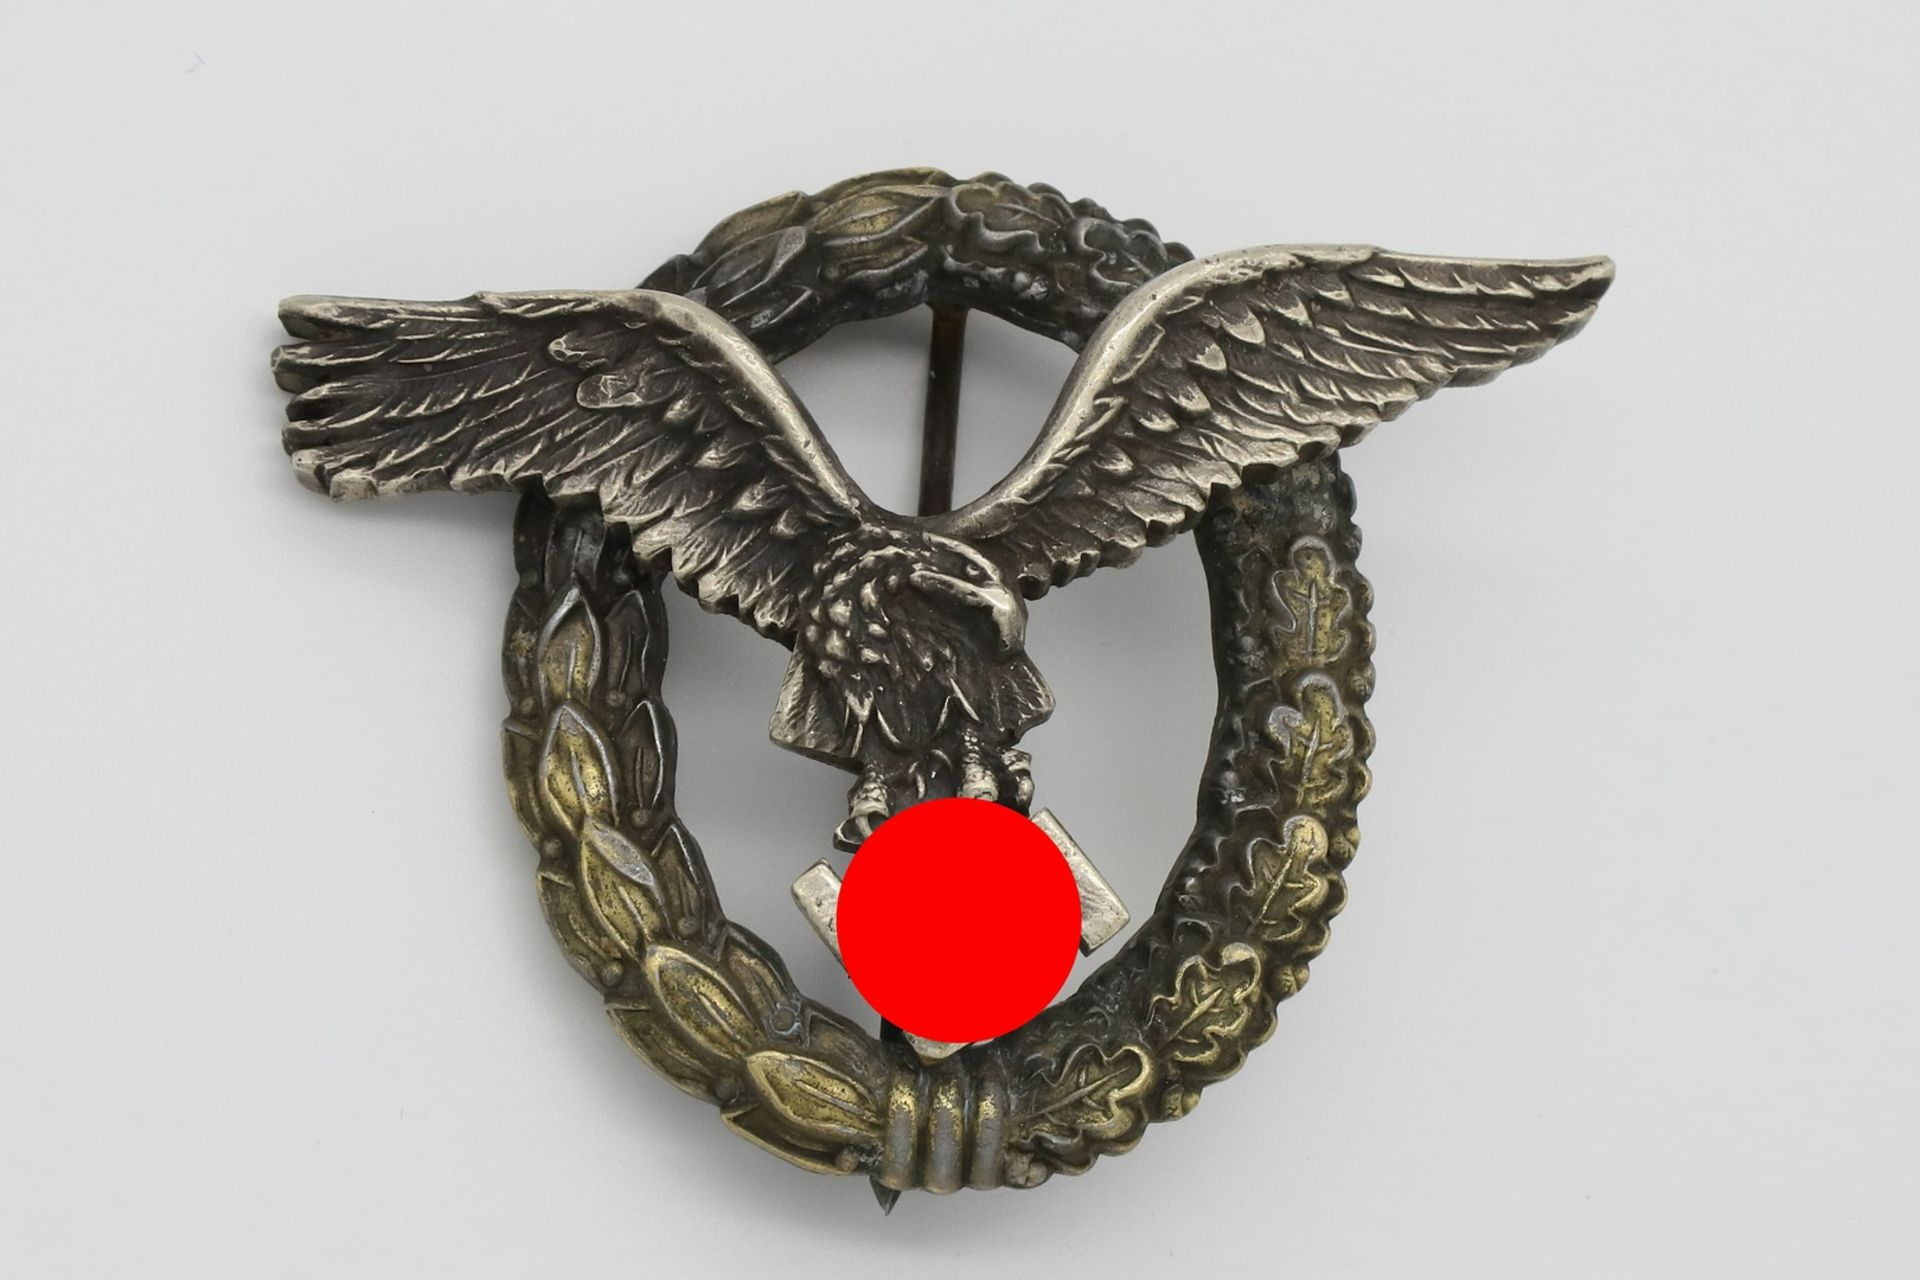 Flugzeugführerabzeichen, Luftwaffe, II WK